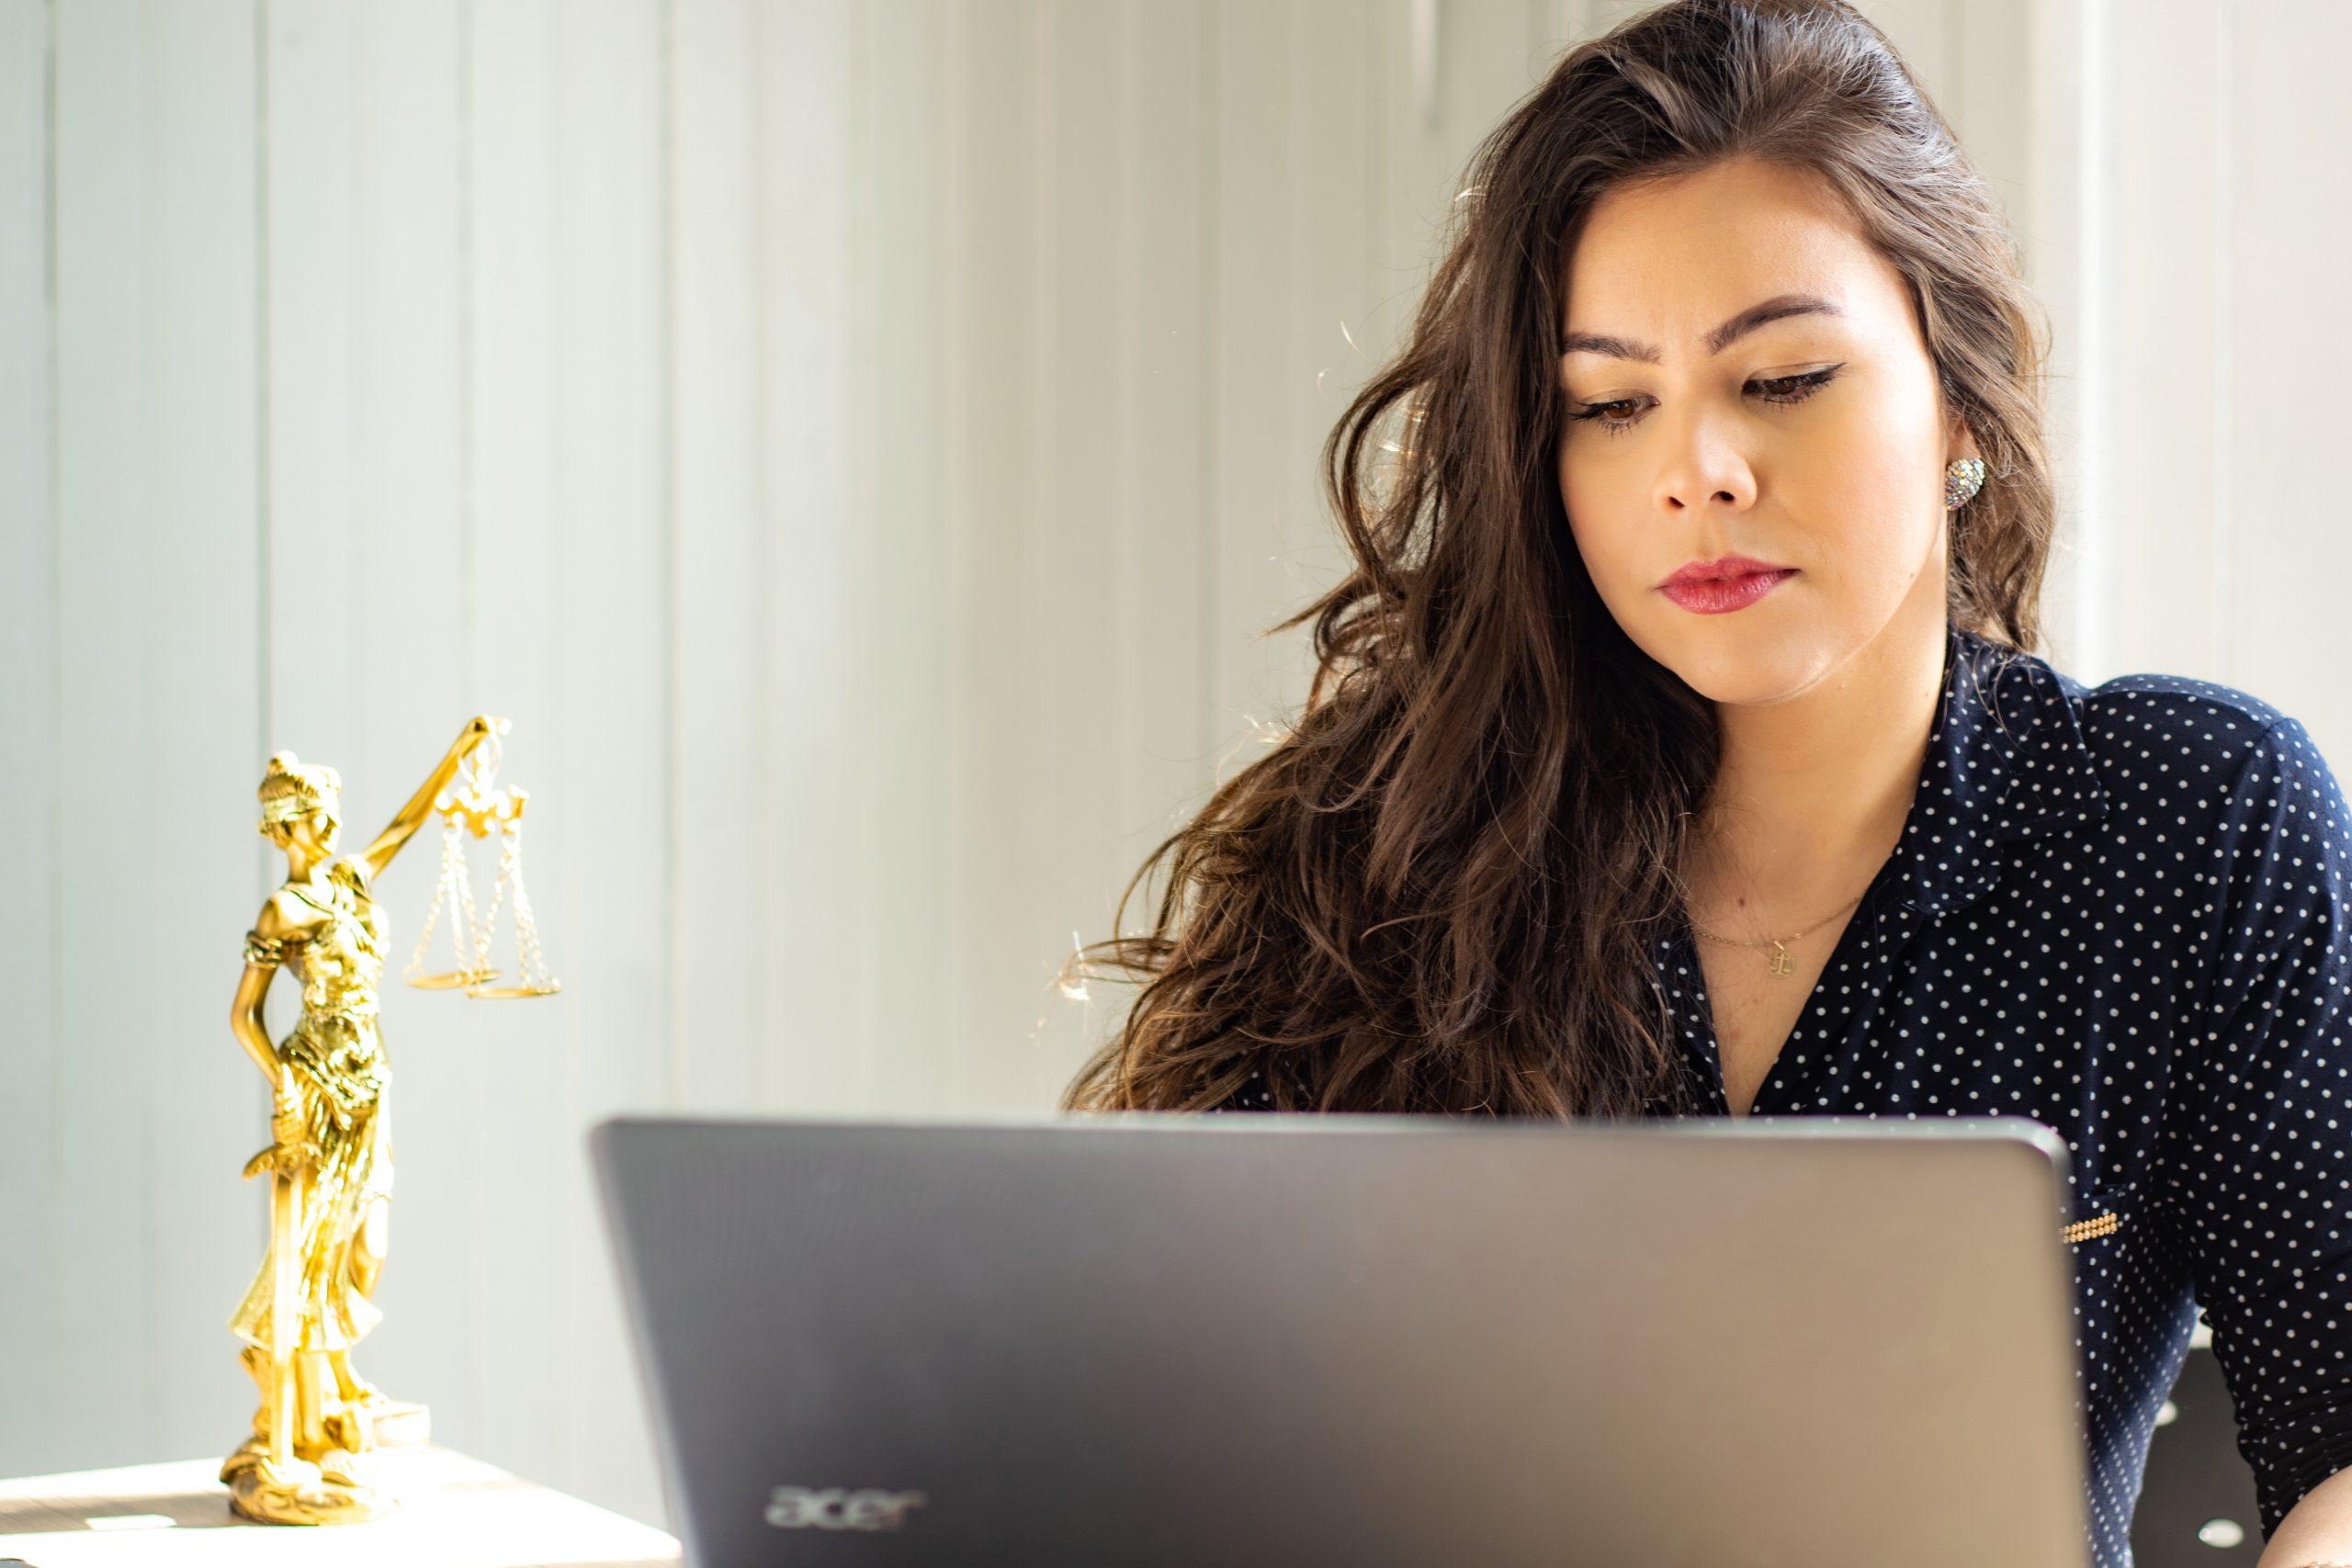 Oportunidades de Trabalho – Envie o seu CV